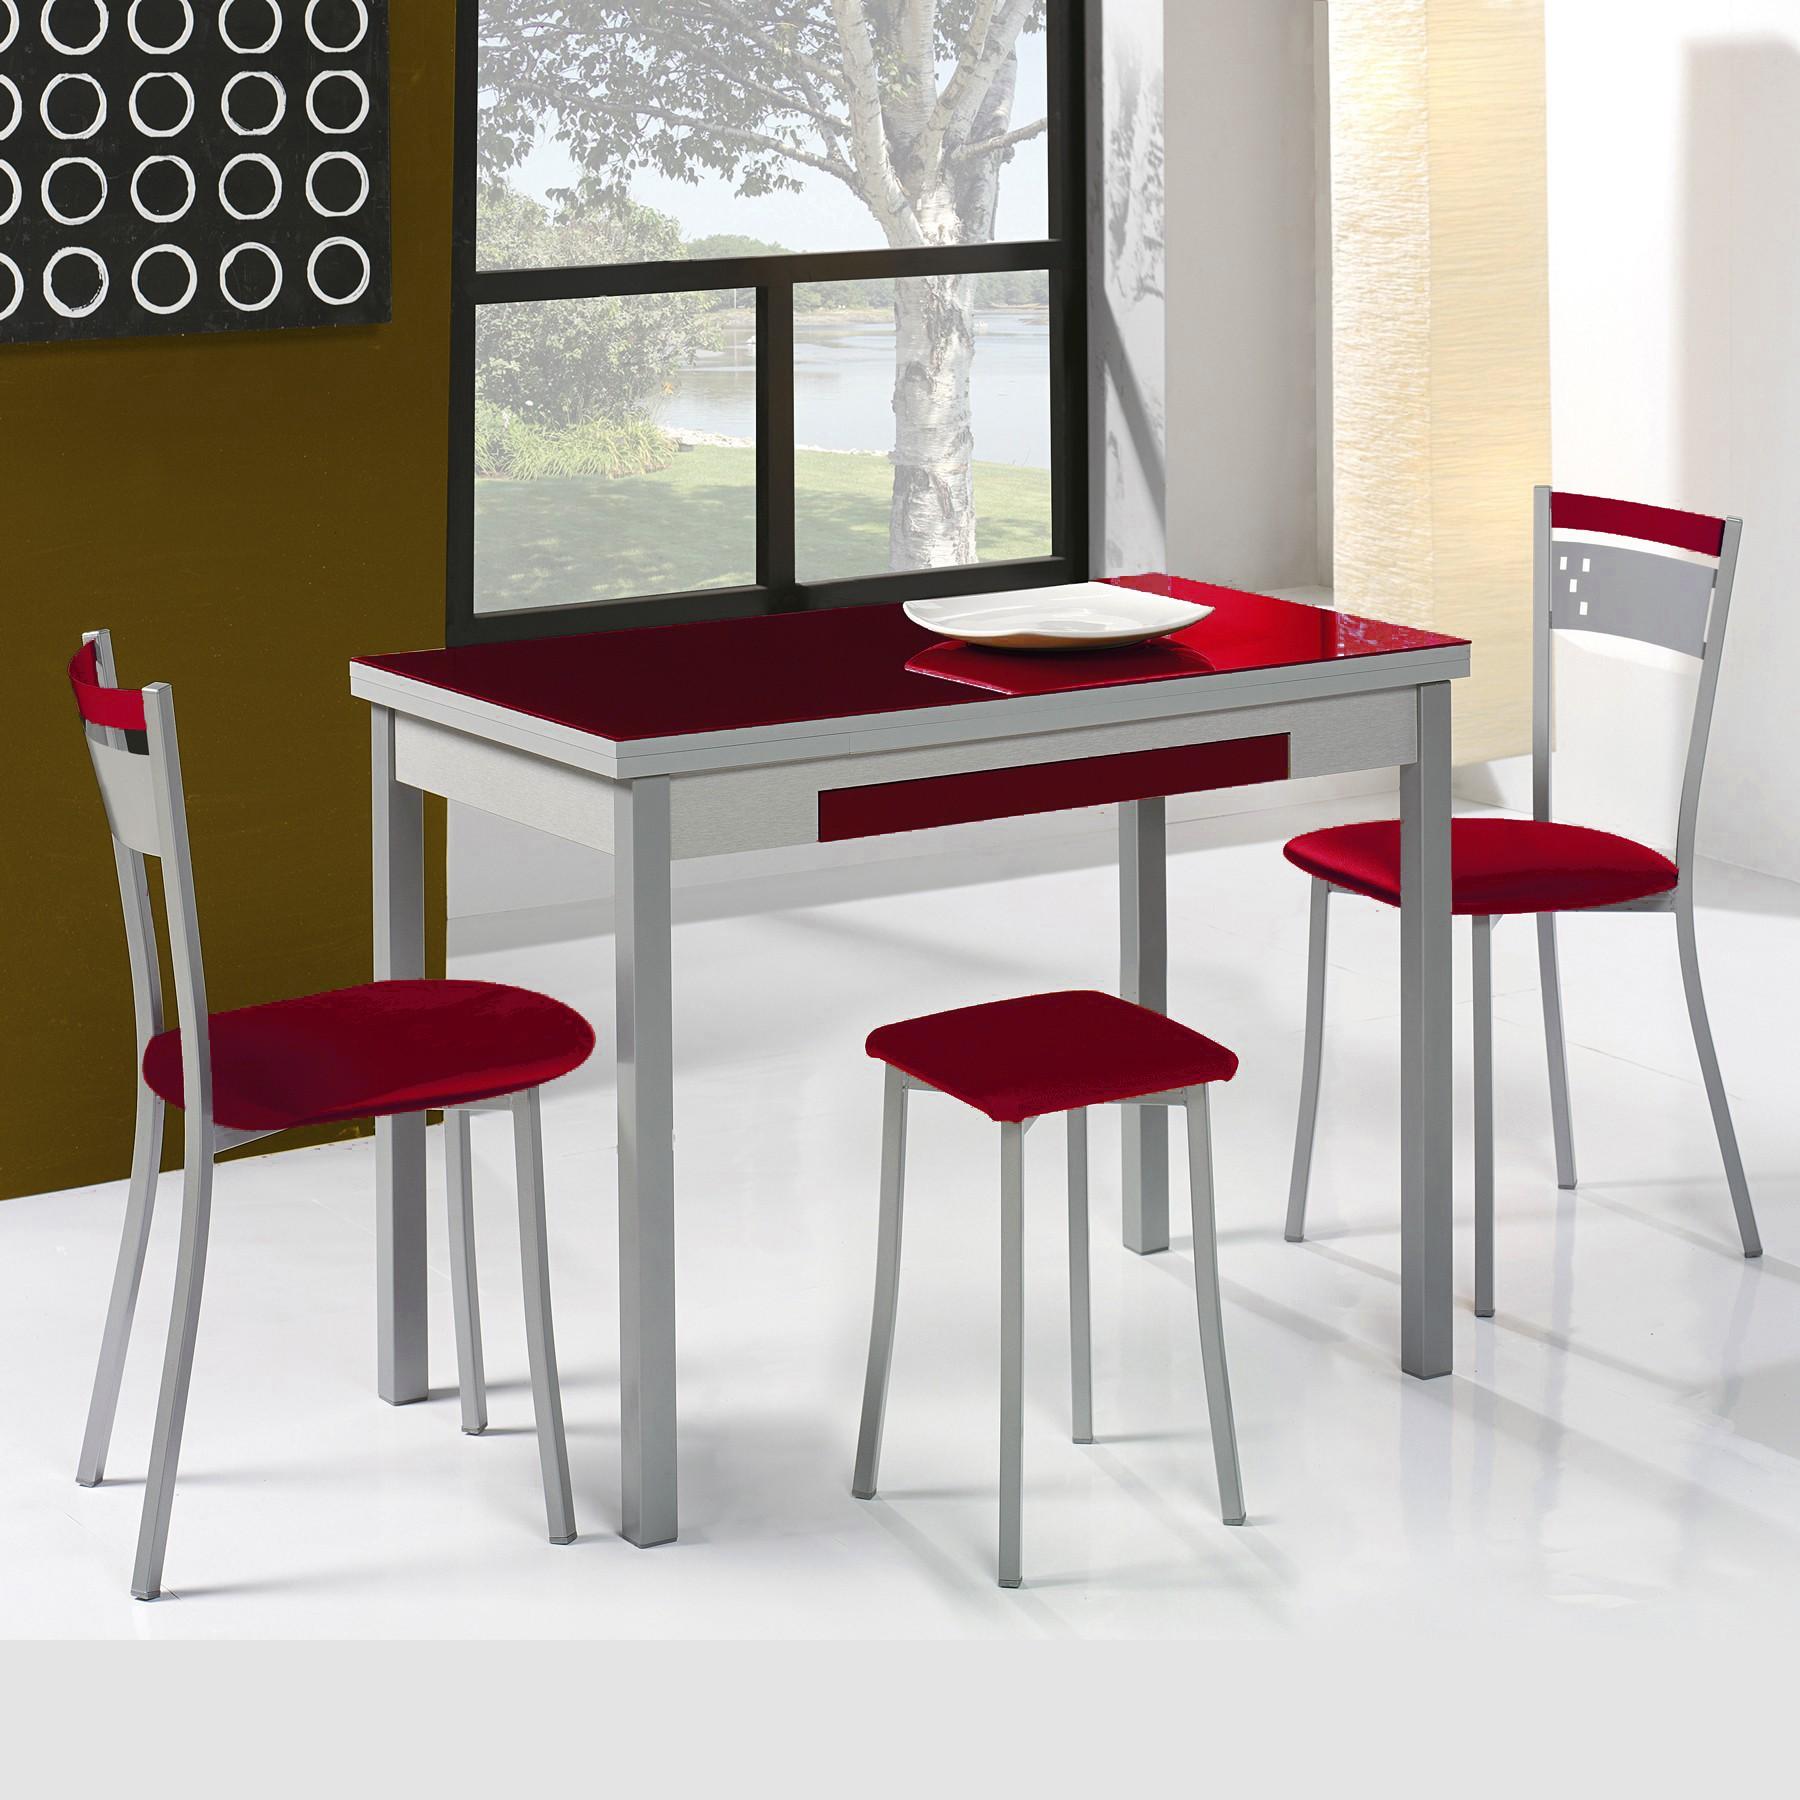 Mesa de cocina con alas extensibles modelo a for Quiero ver cocinas